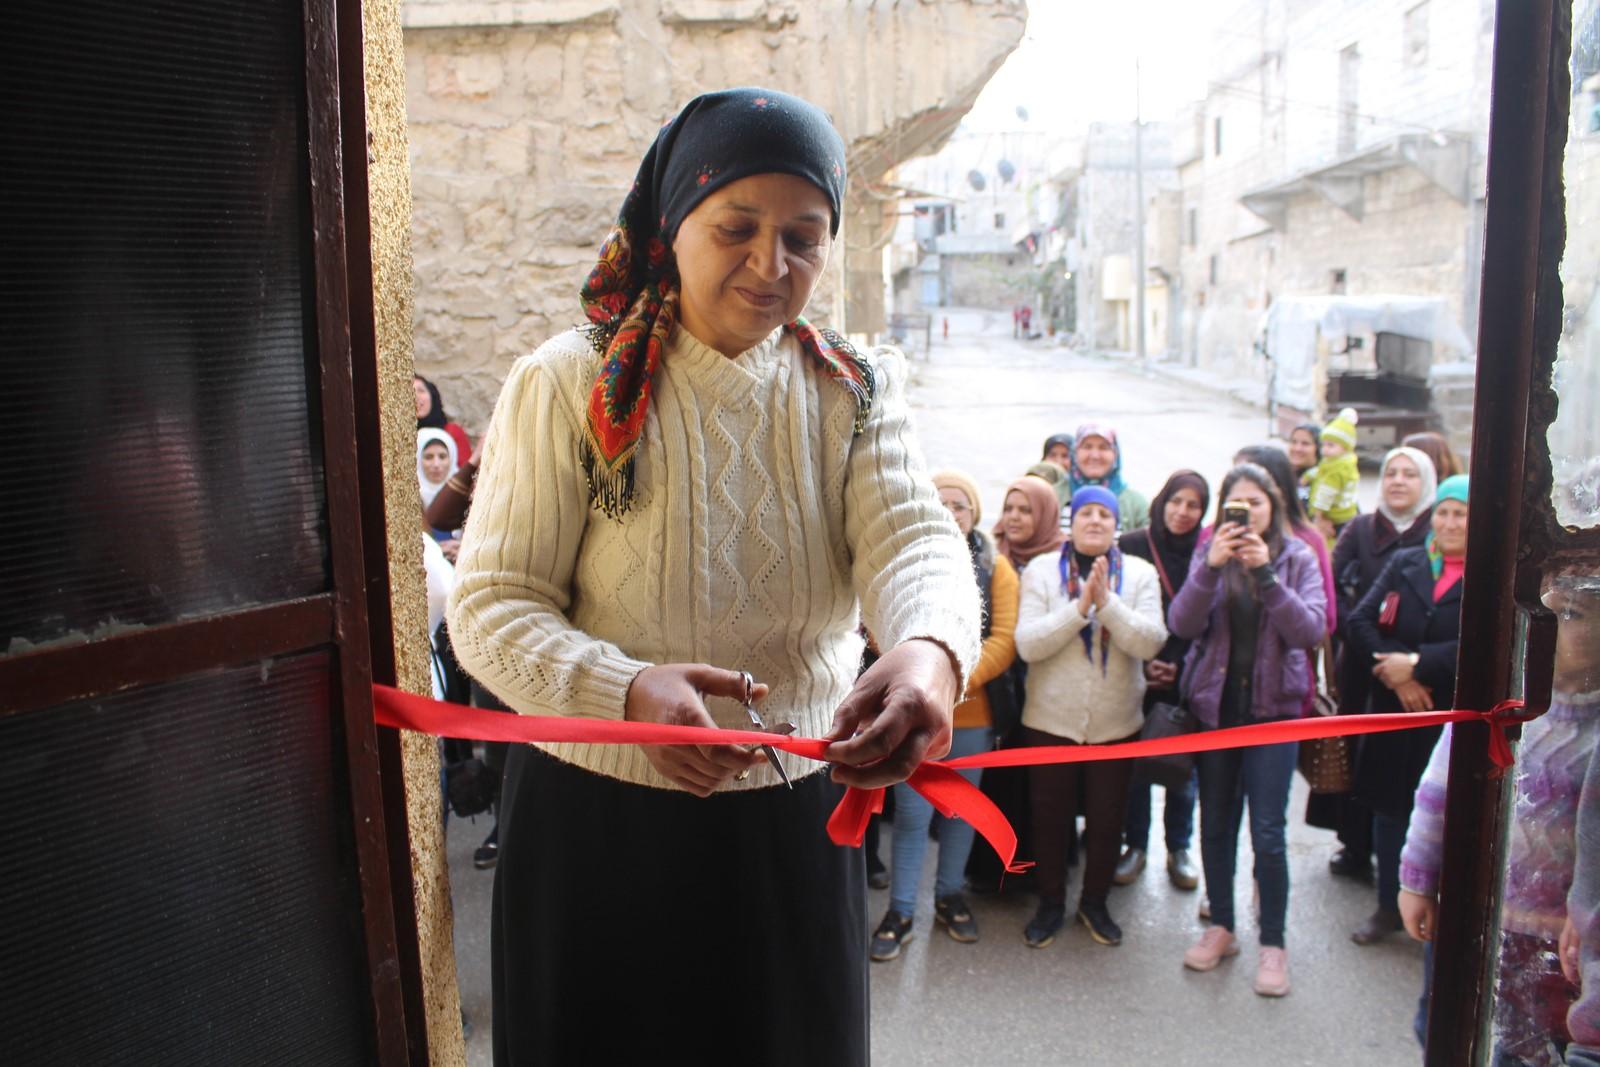 نساء حي الشيخ مقصود يفتتحن ورشة لصناعة الصوف